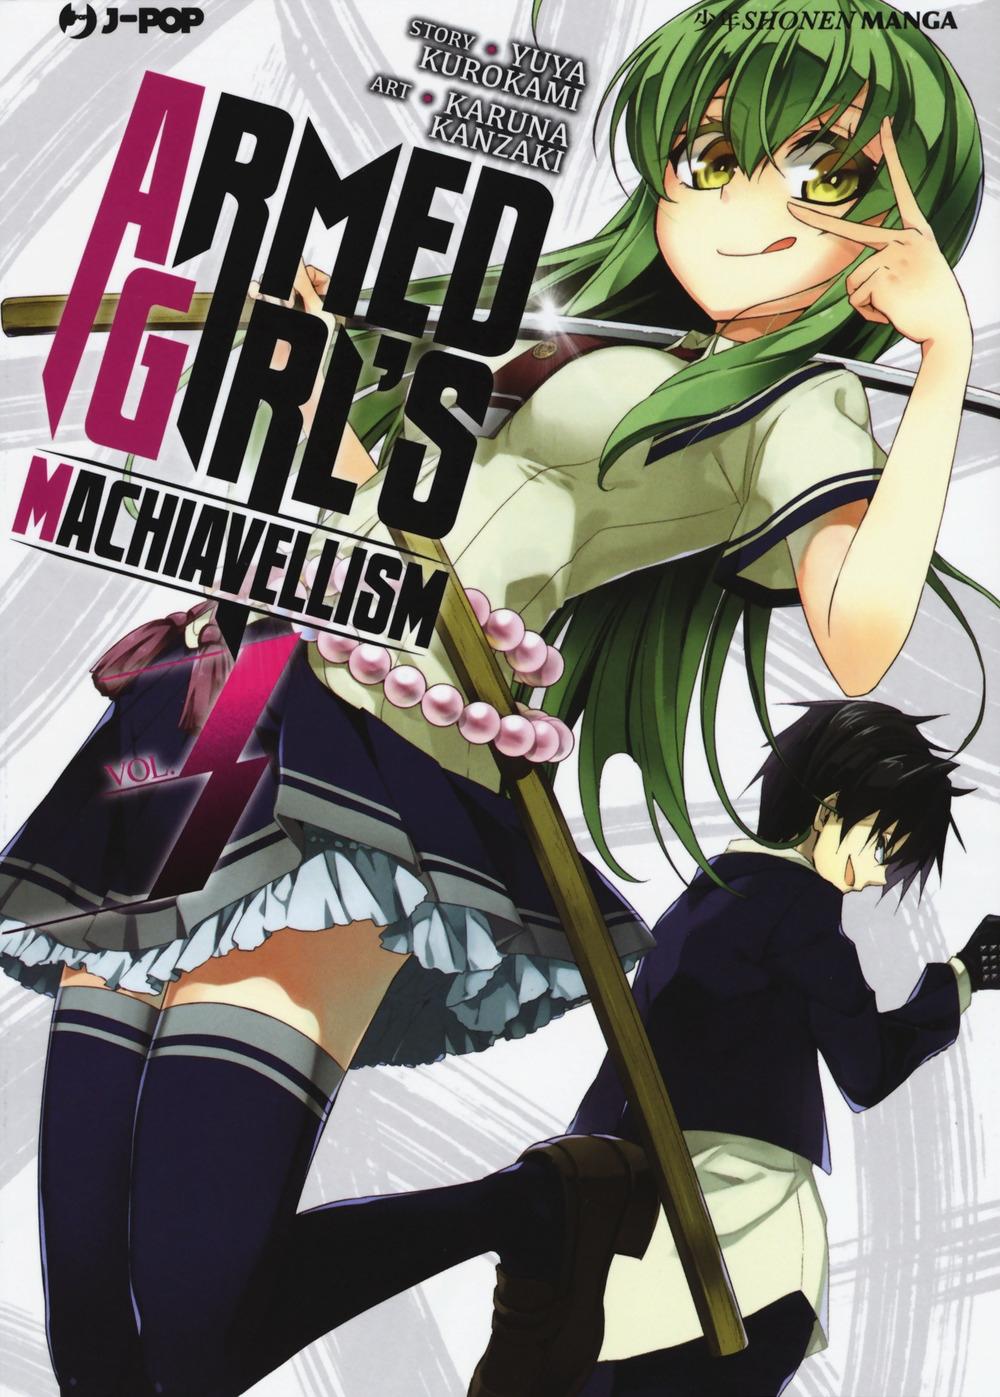 Armed girl's machiavellism. Vol. 3